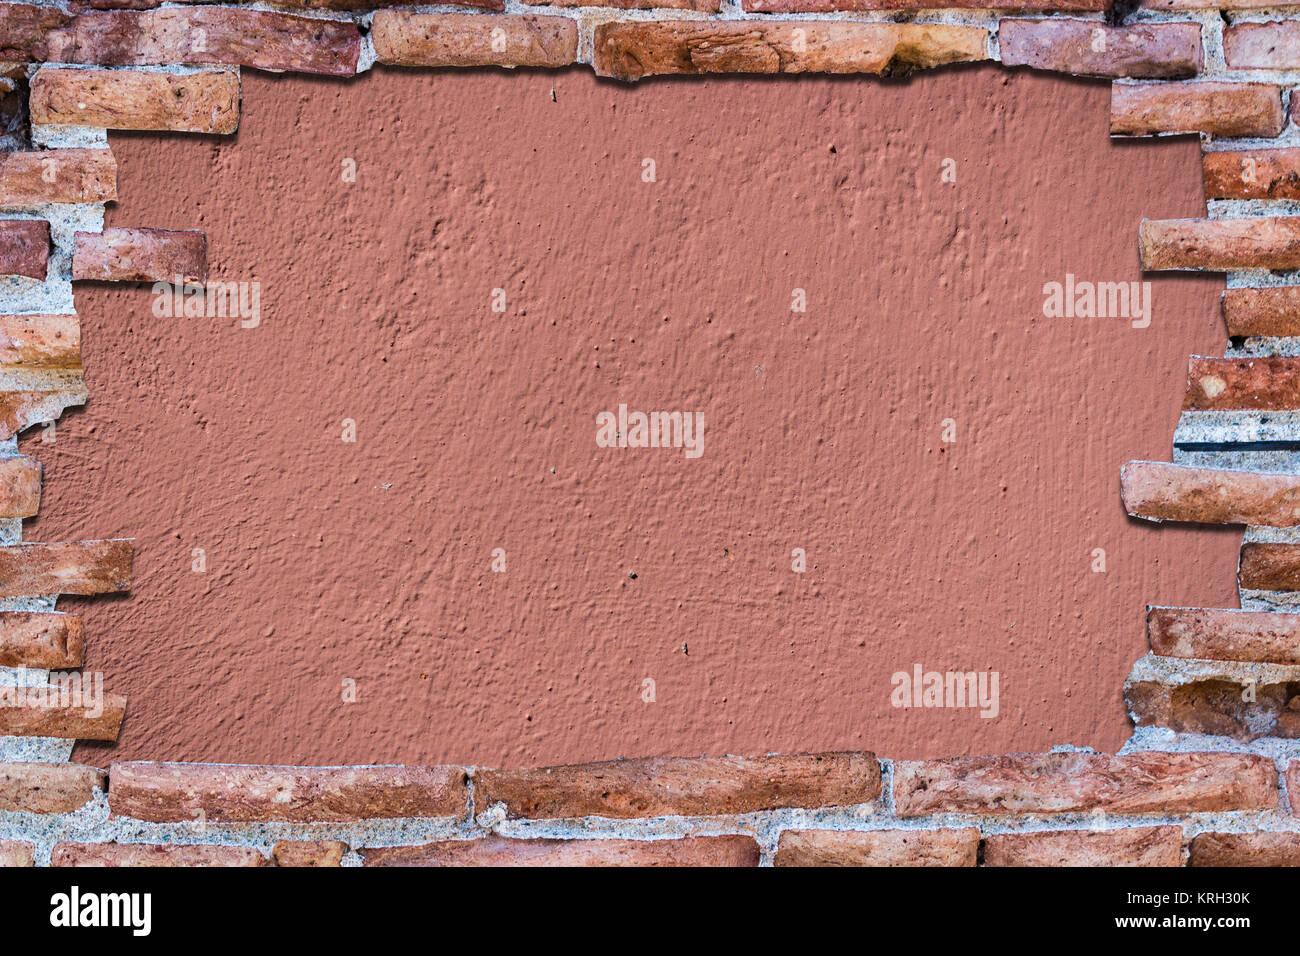 Rosso Antico Muro Di Mattoni Sopra Lo Sfondo Rosa Foto Immagine